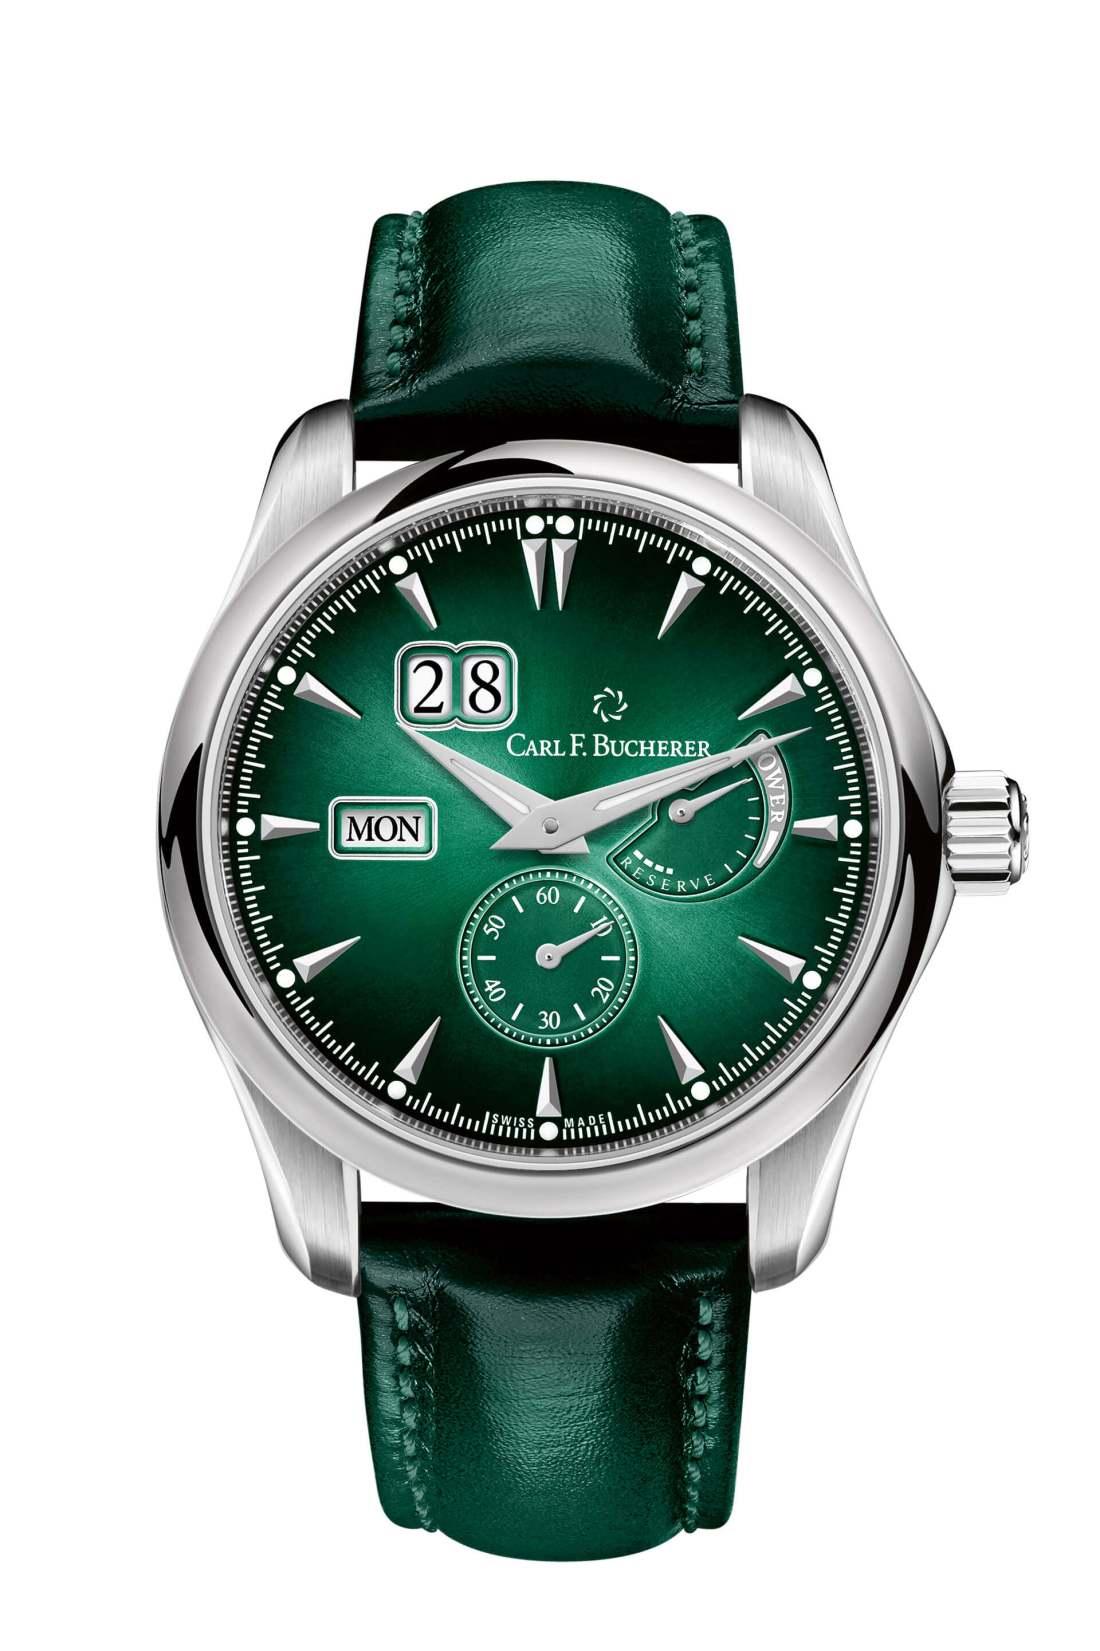 Reloj Manero PowerReserve con dial y correas en color verde y detalles en color plateado